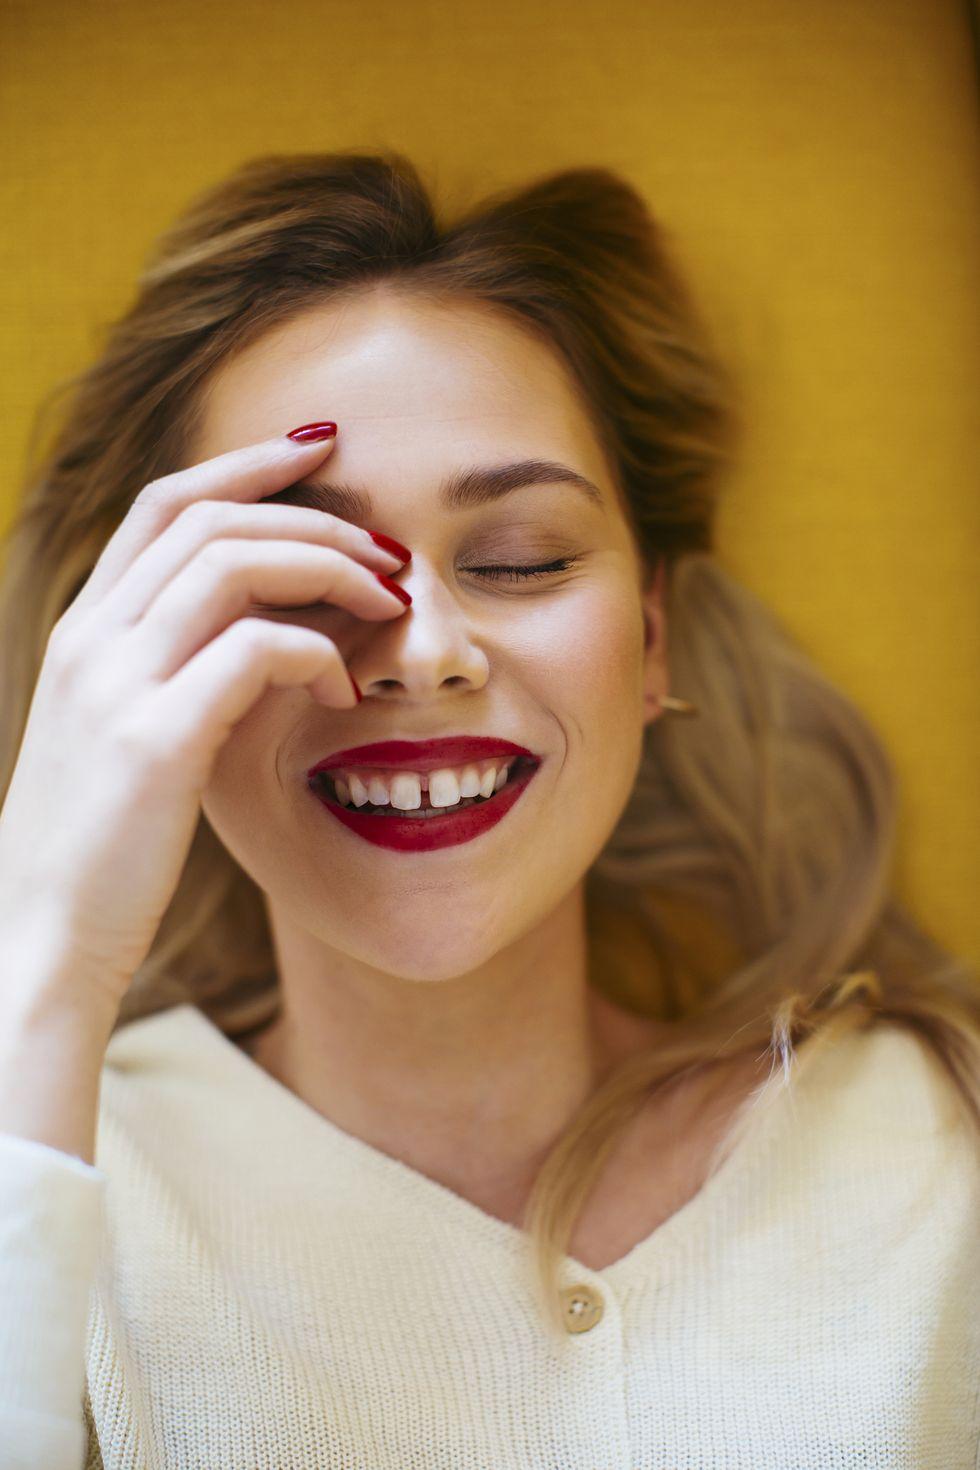 Consigue unos dientes más blancos para lucir sonrisa este verano con este kit blanqueador que arrasa en Amazon